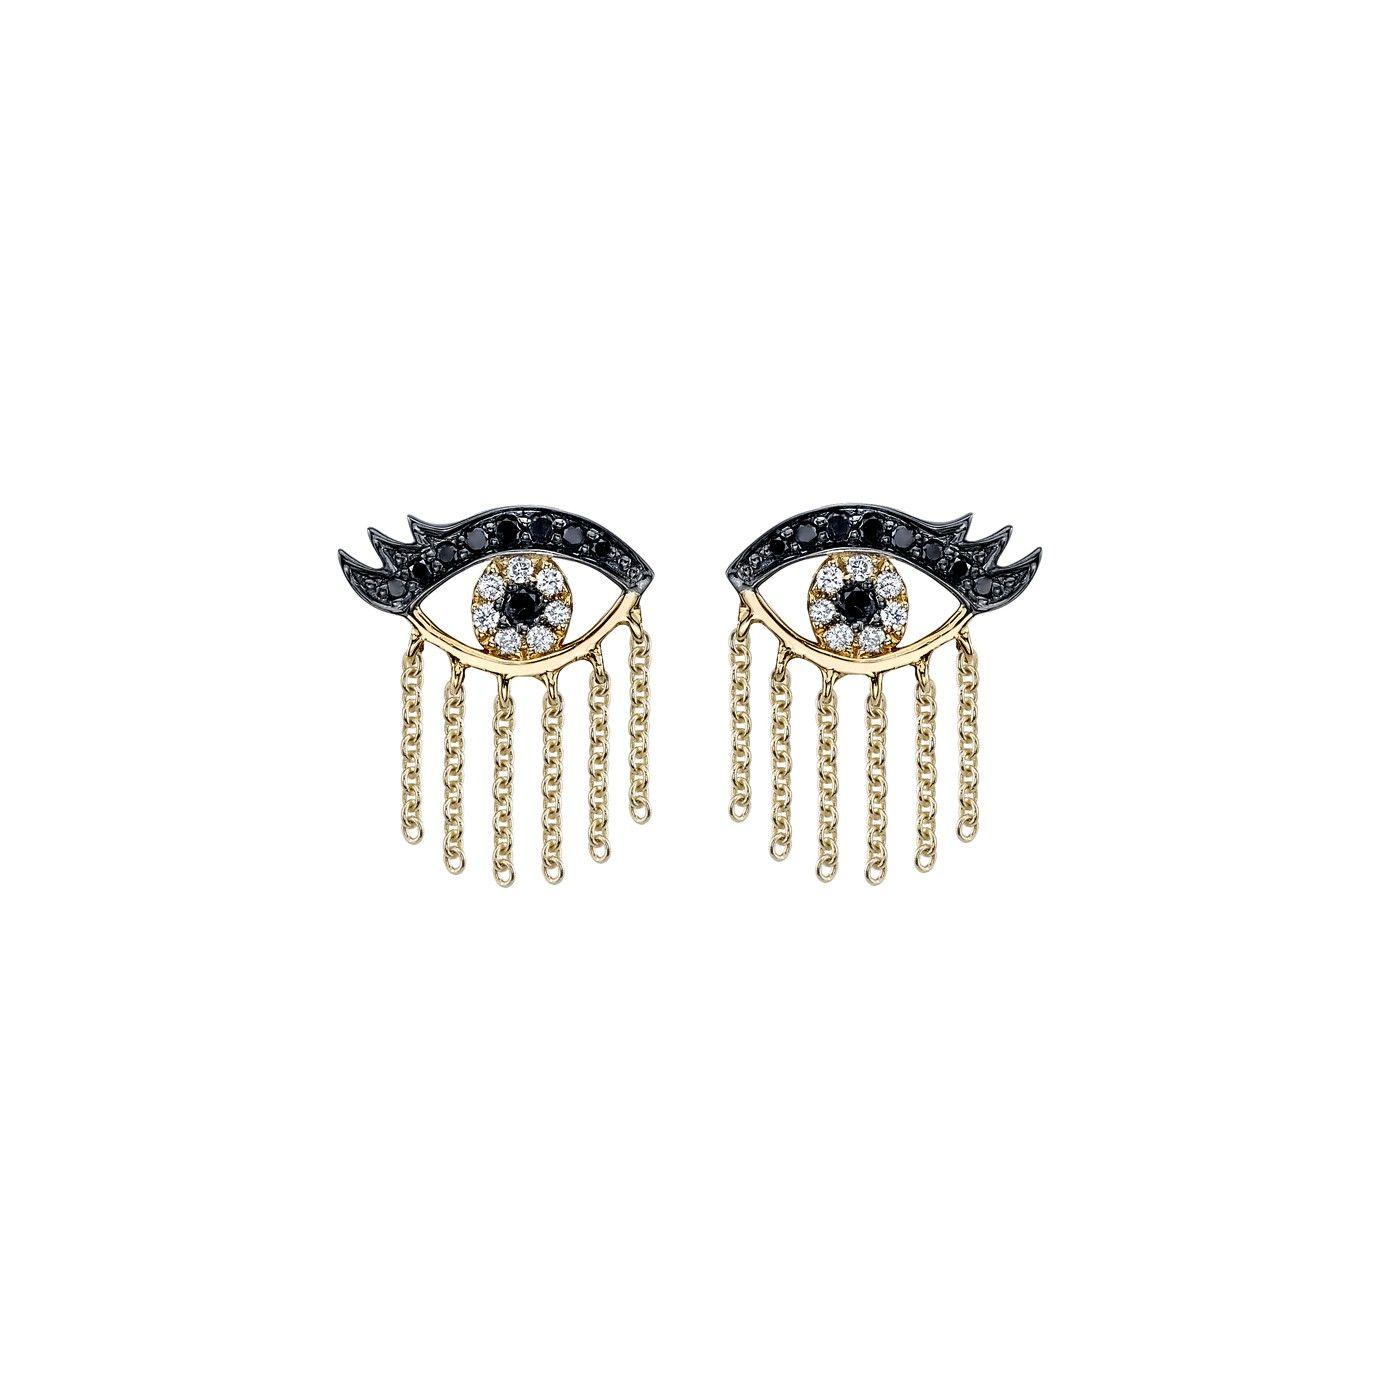 Gold Amp Diamond Eyelash Evil Eye Studs With Fringe